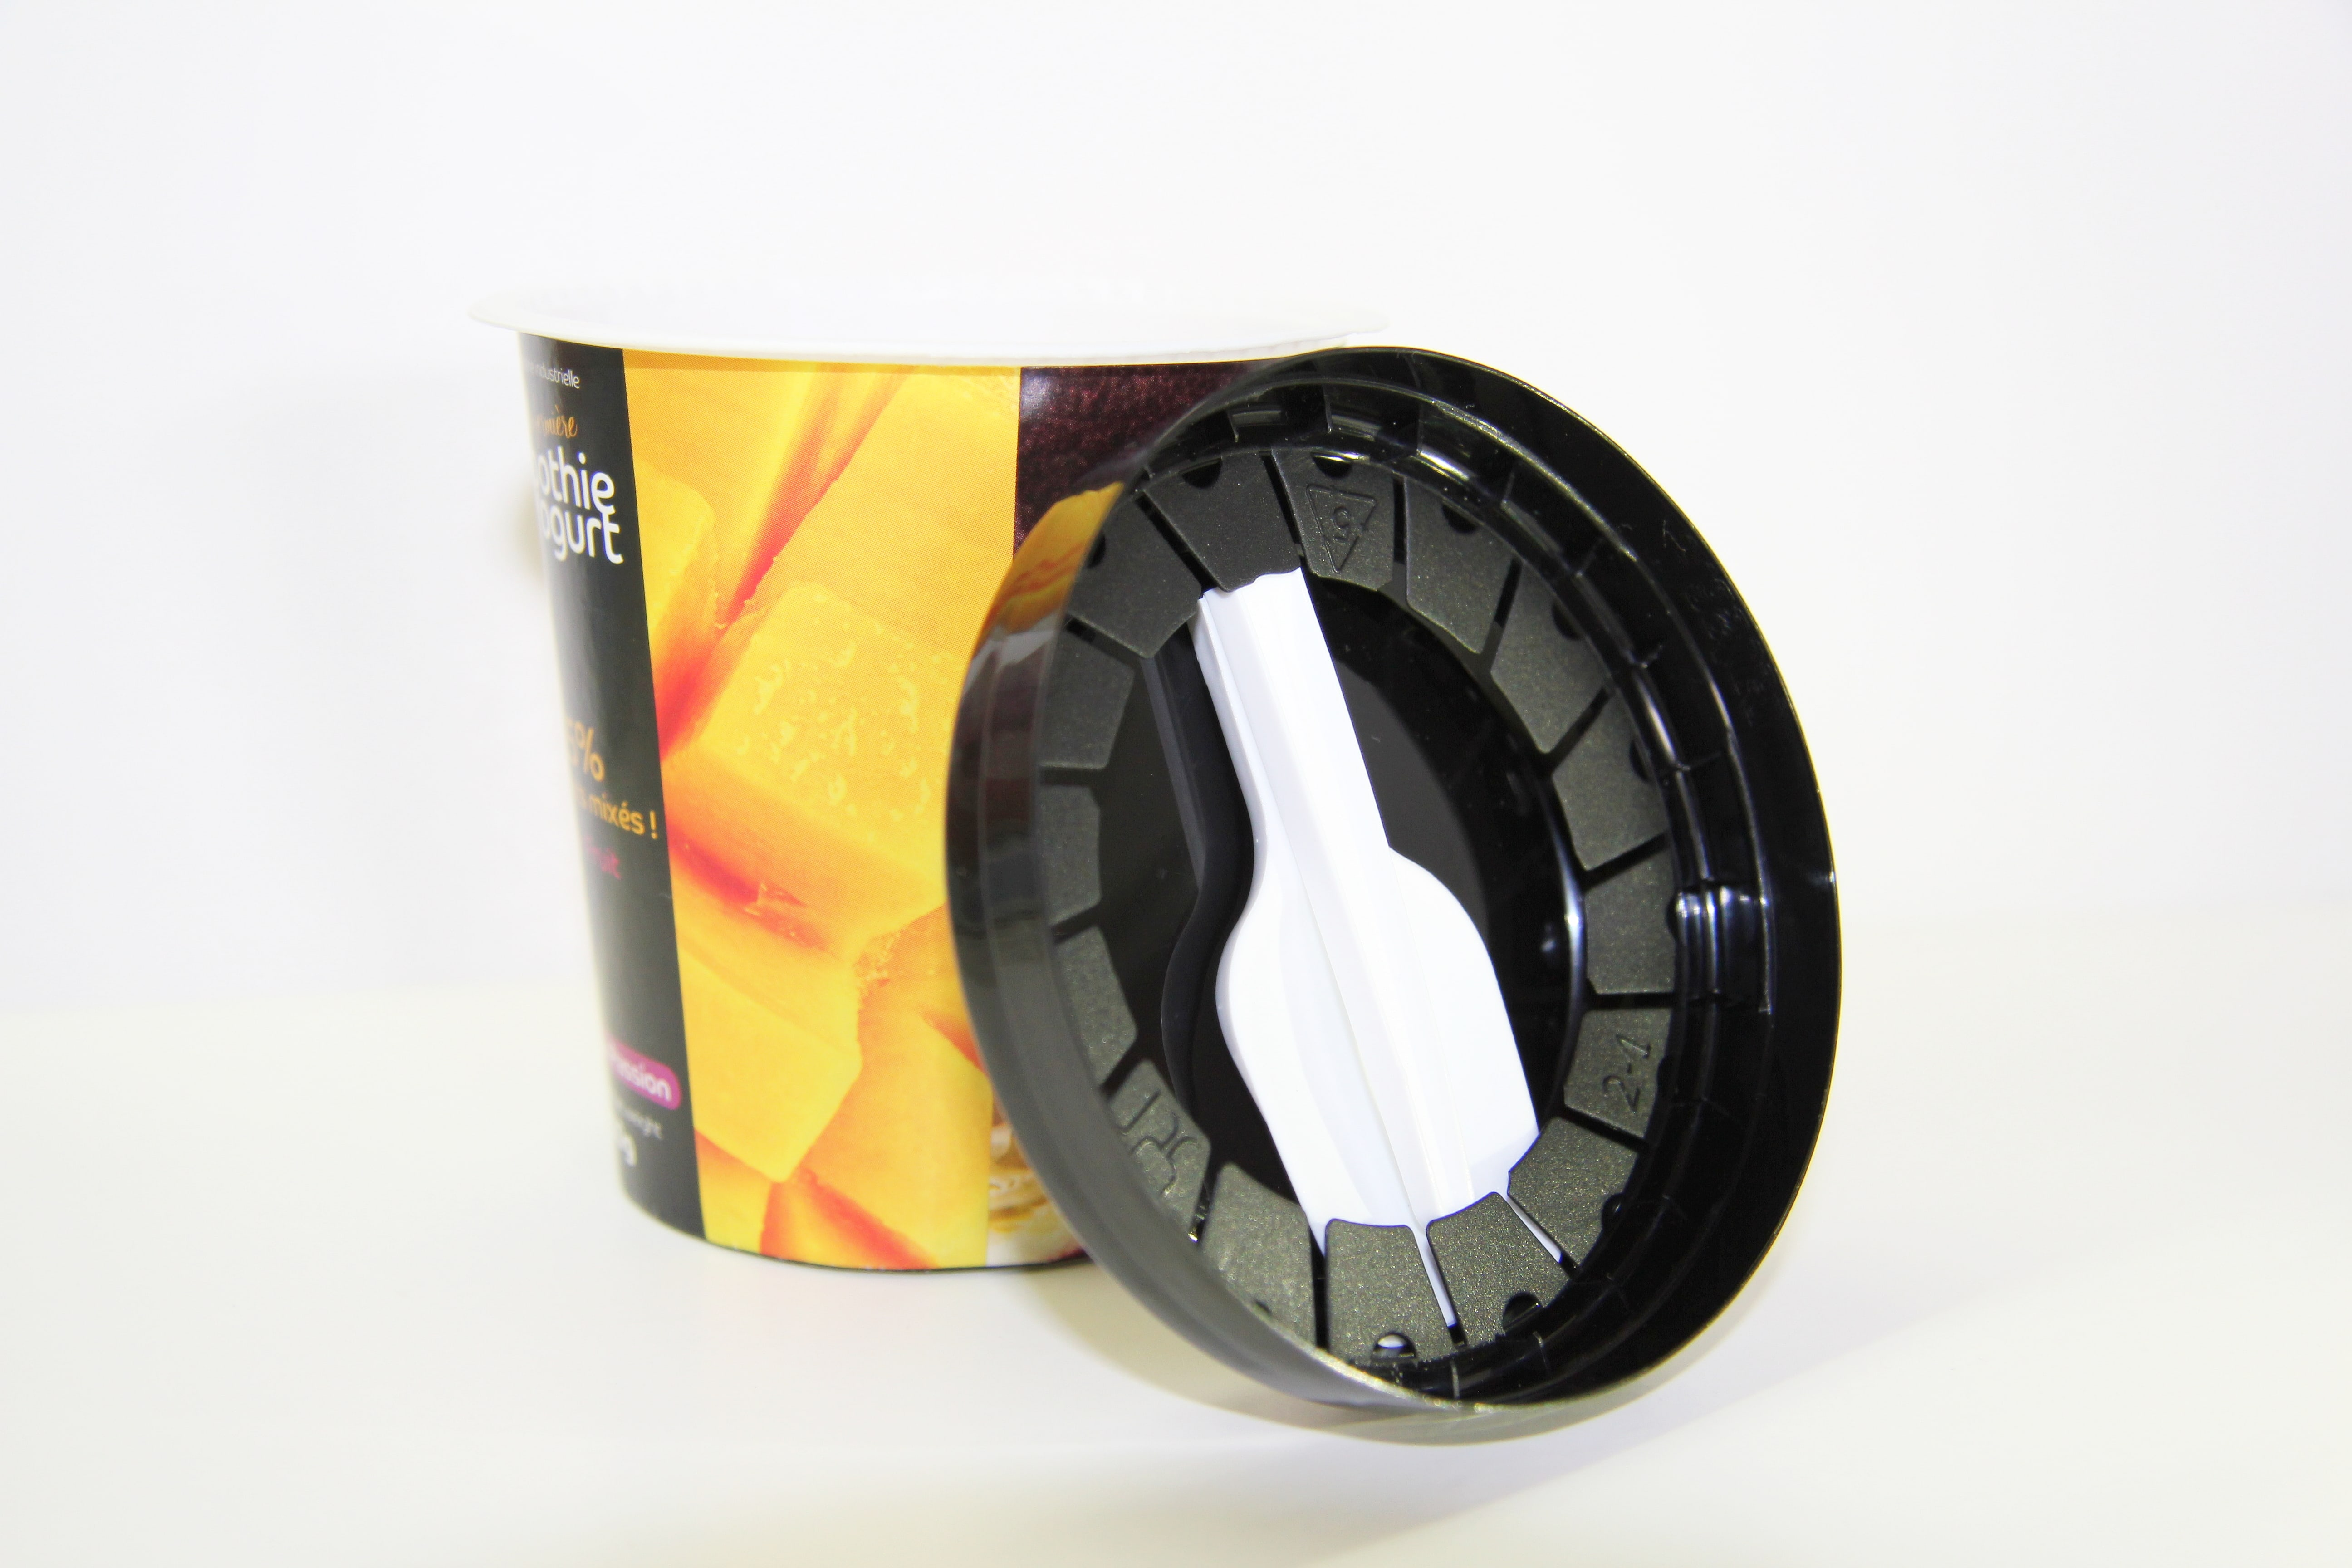 Крышка с ложкой 75/ 95 диаметр под индивидуальный заказ в киеве по отличной цене